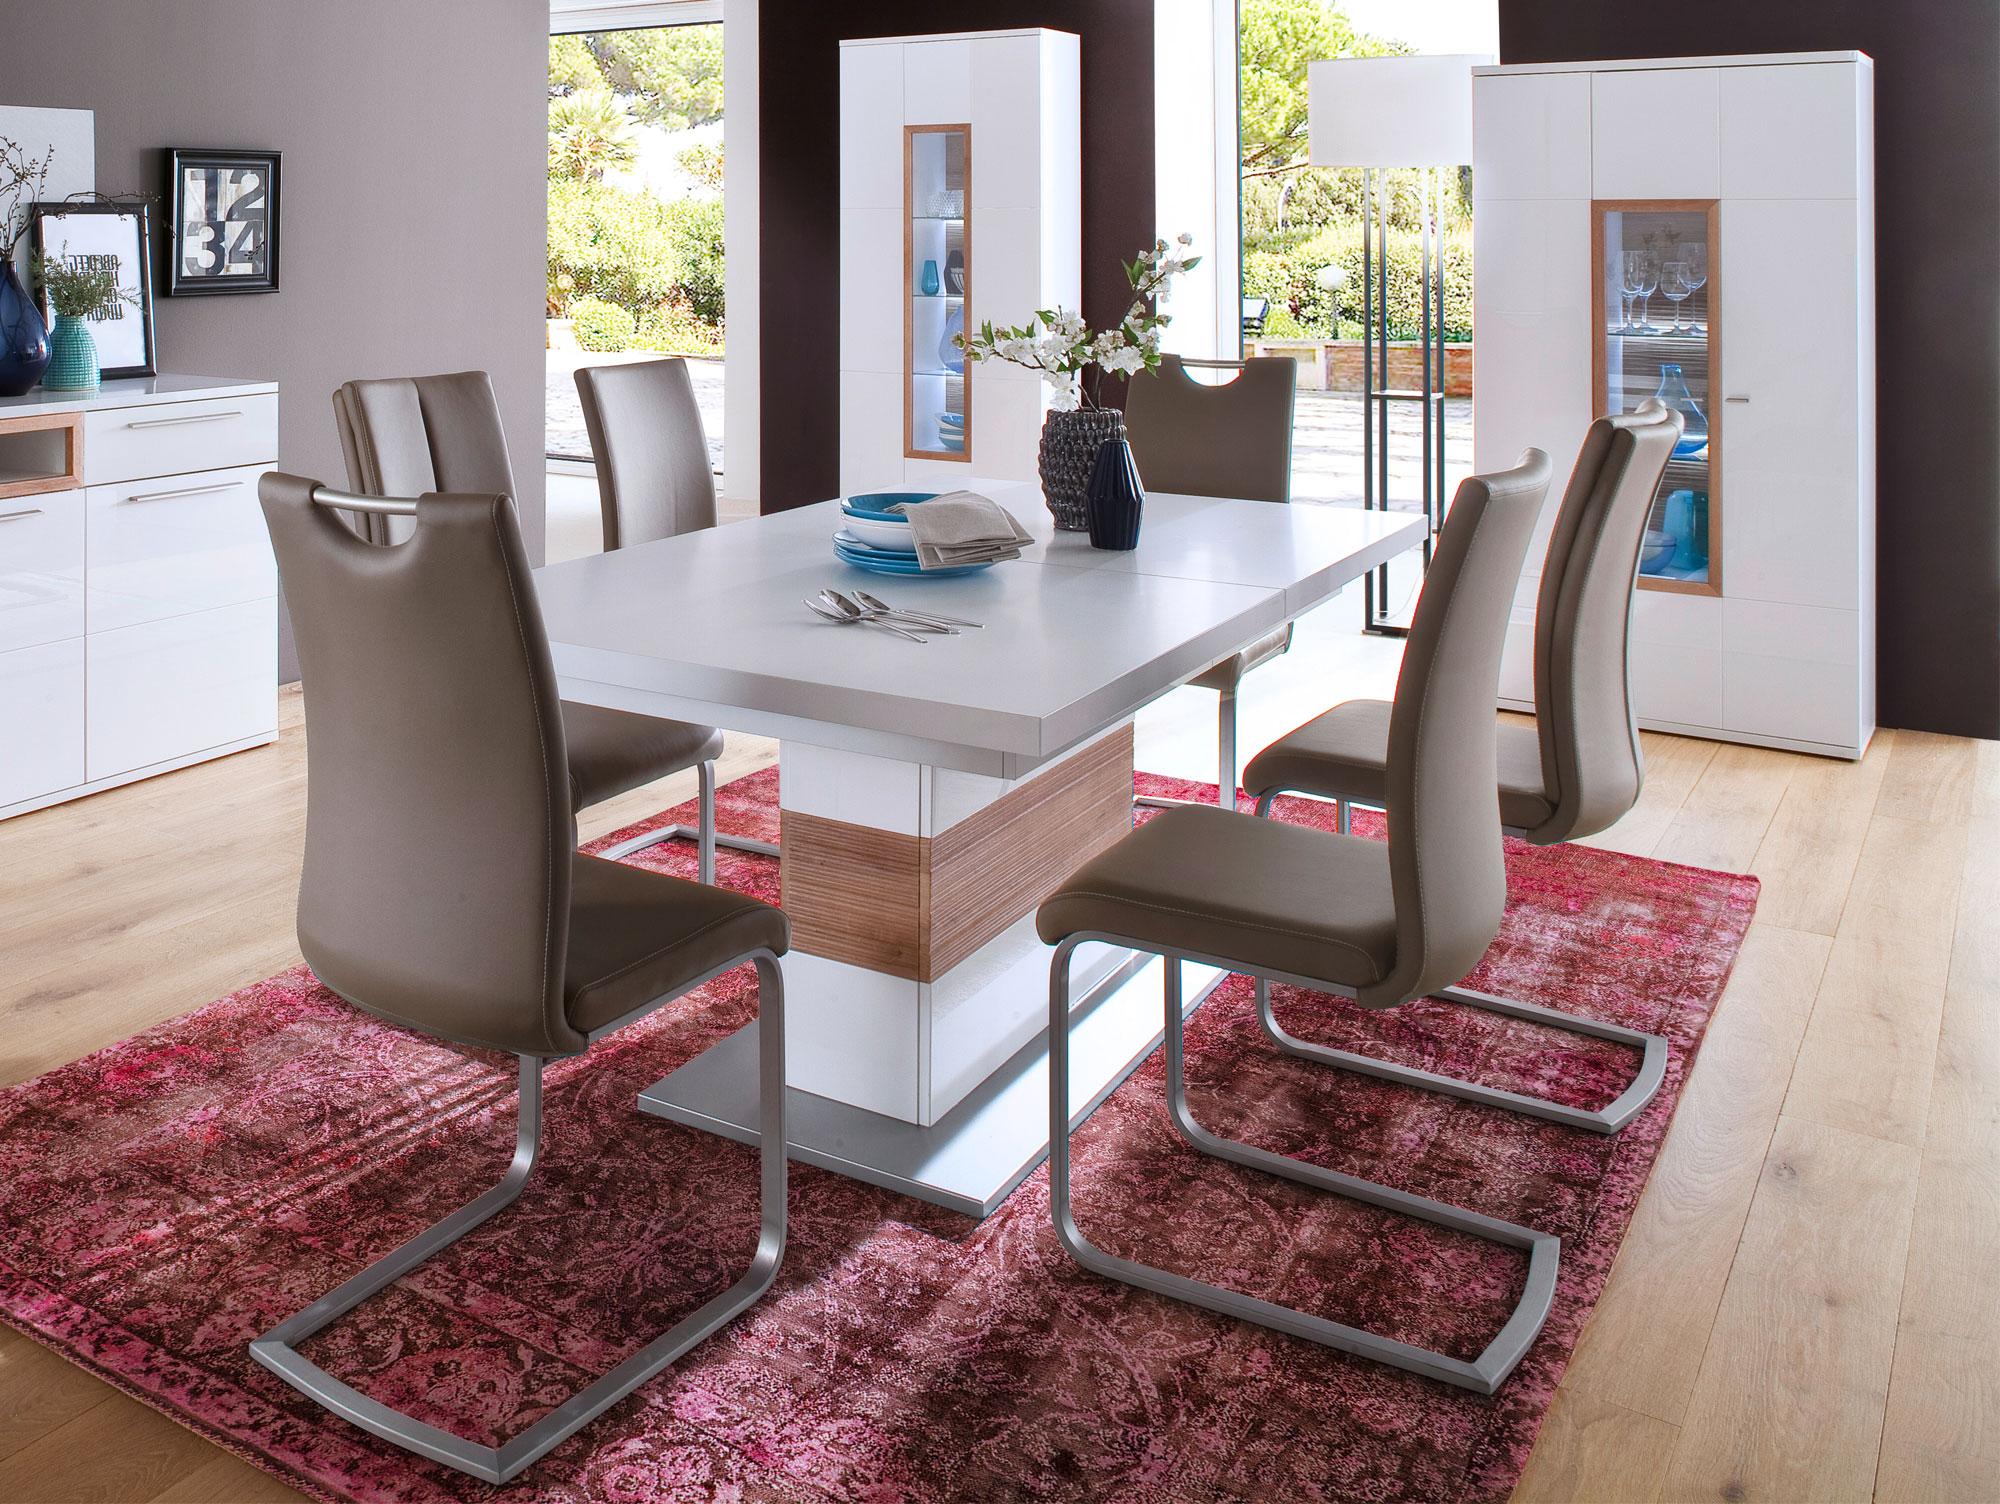 pancras esstisch 180 230x100 cm wei eiche riviera. Black Bedroom Furniture Sets. Home Design Ideas